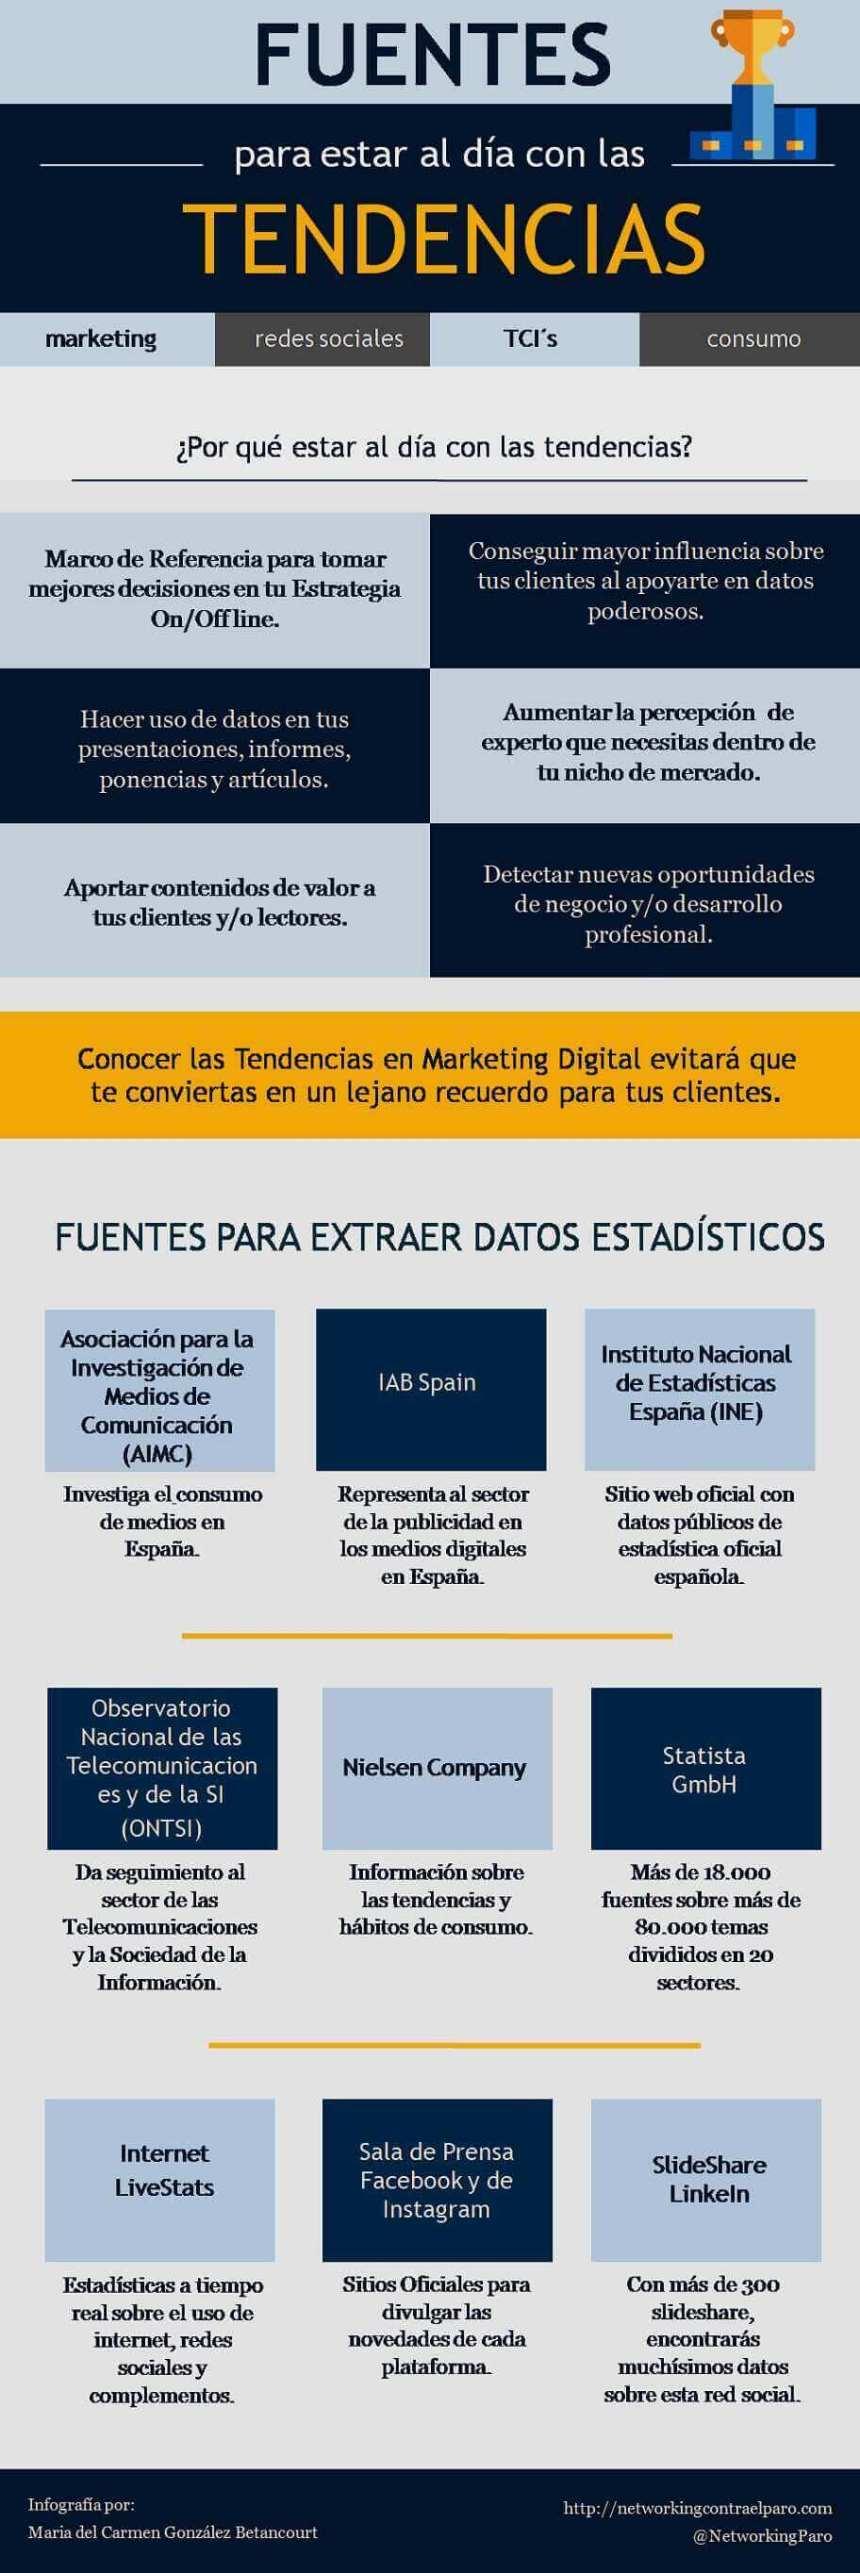 Fuentes de tendencias sobre Marketing Digital